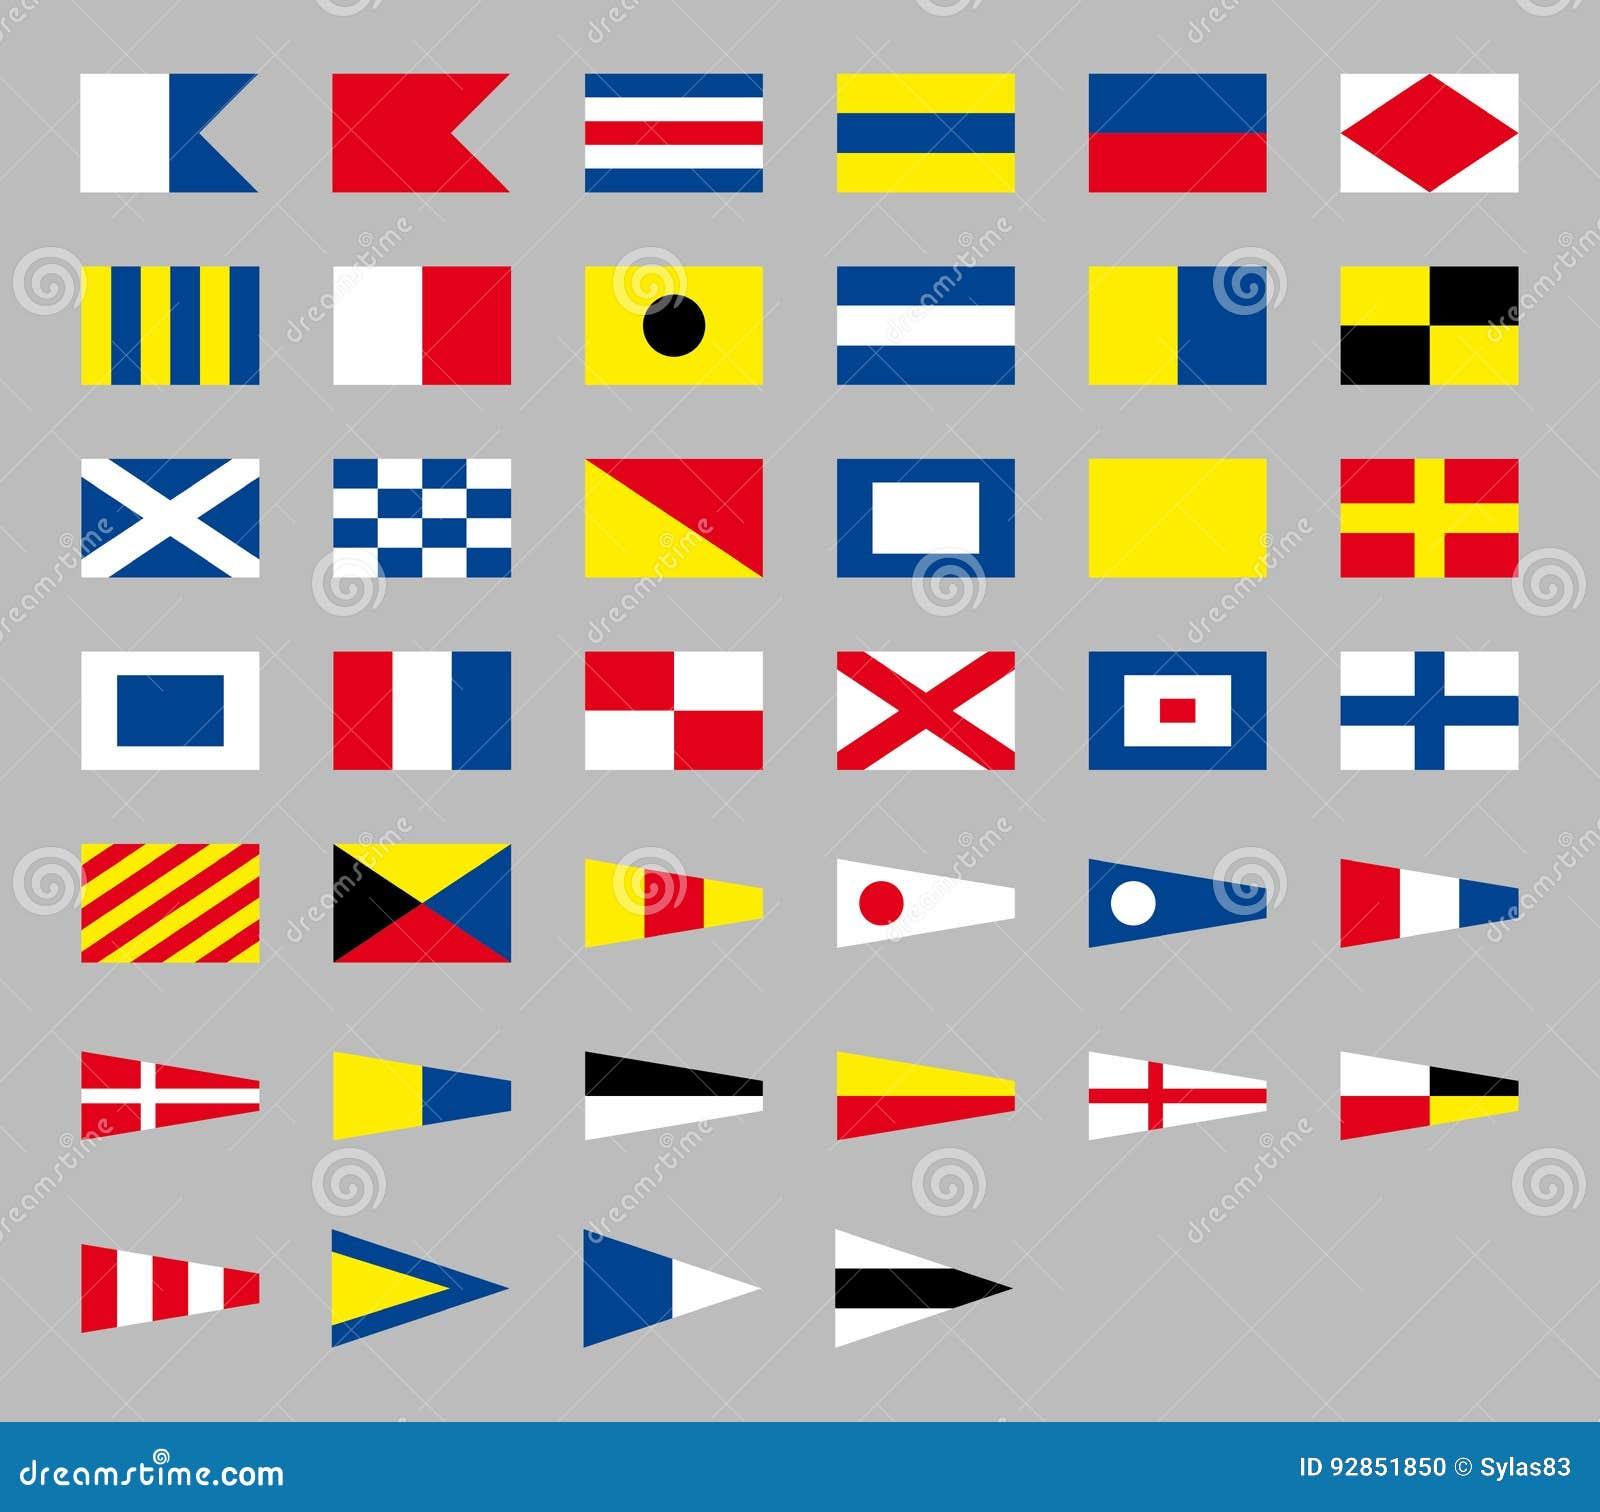 Nautiska flaggor för internationell maritim signal som isoleras på grå bakgrund